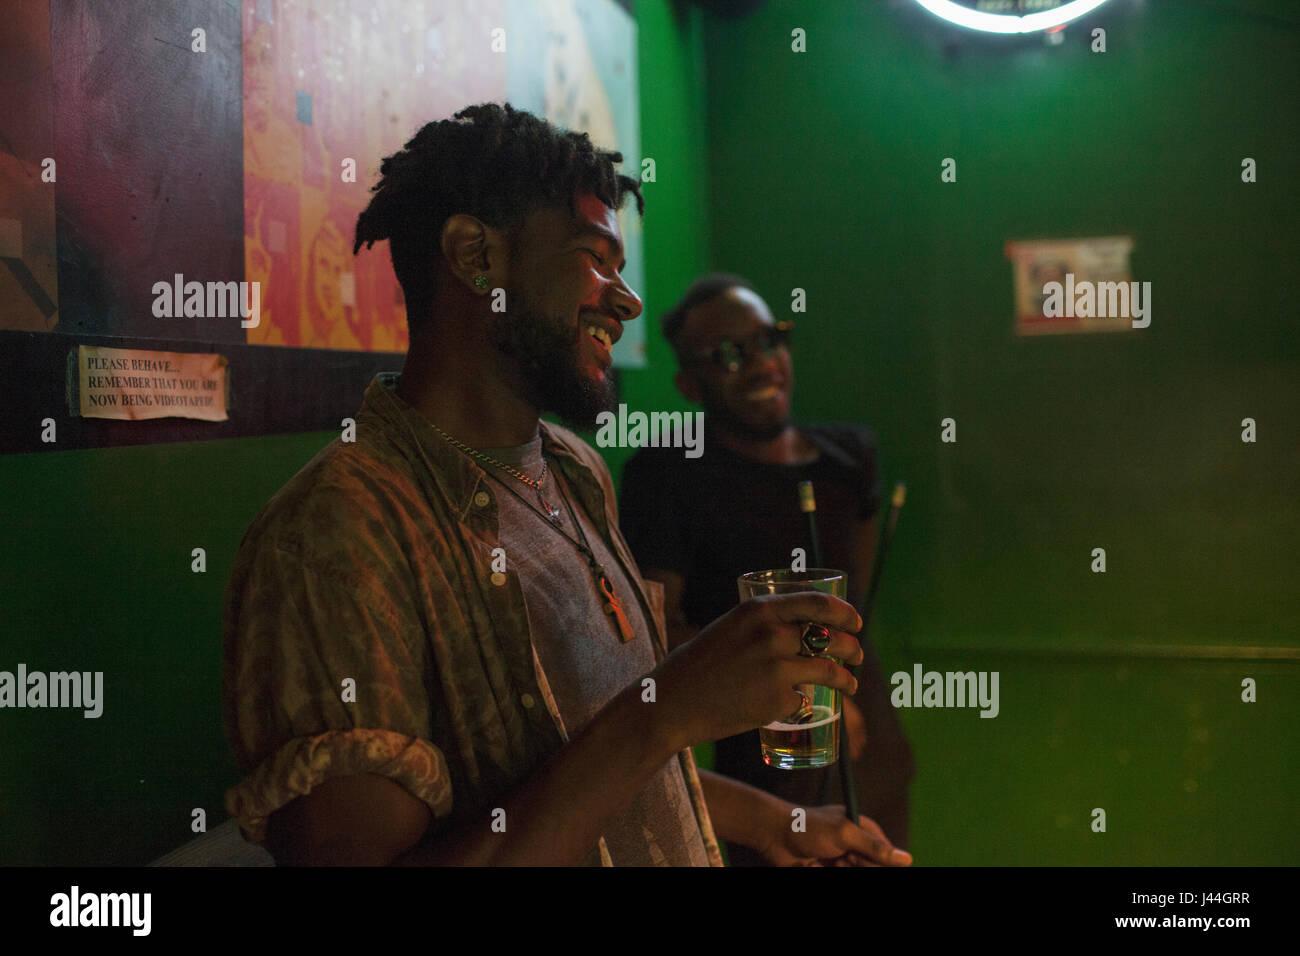 Zwei junge Männer in einer Bar. Stockfoto